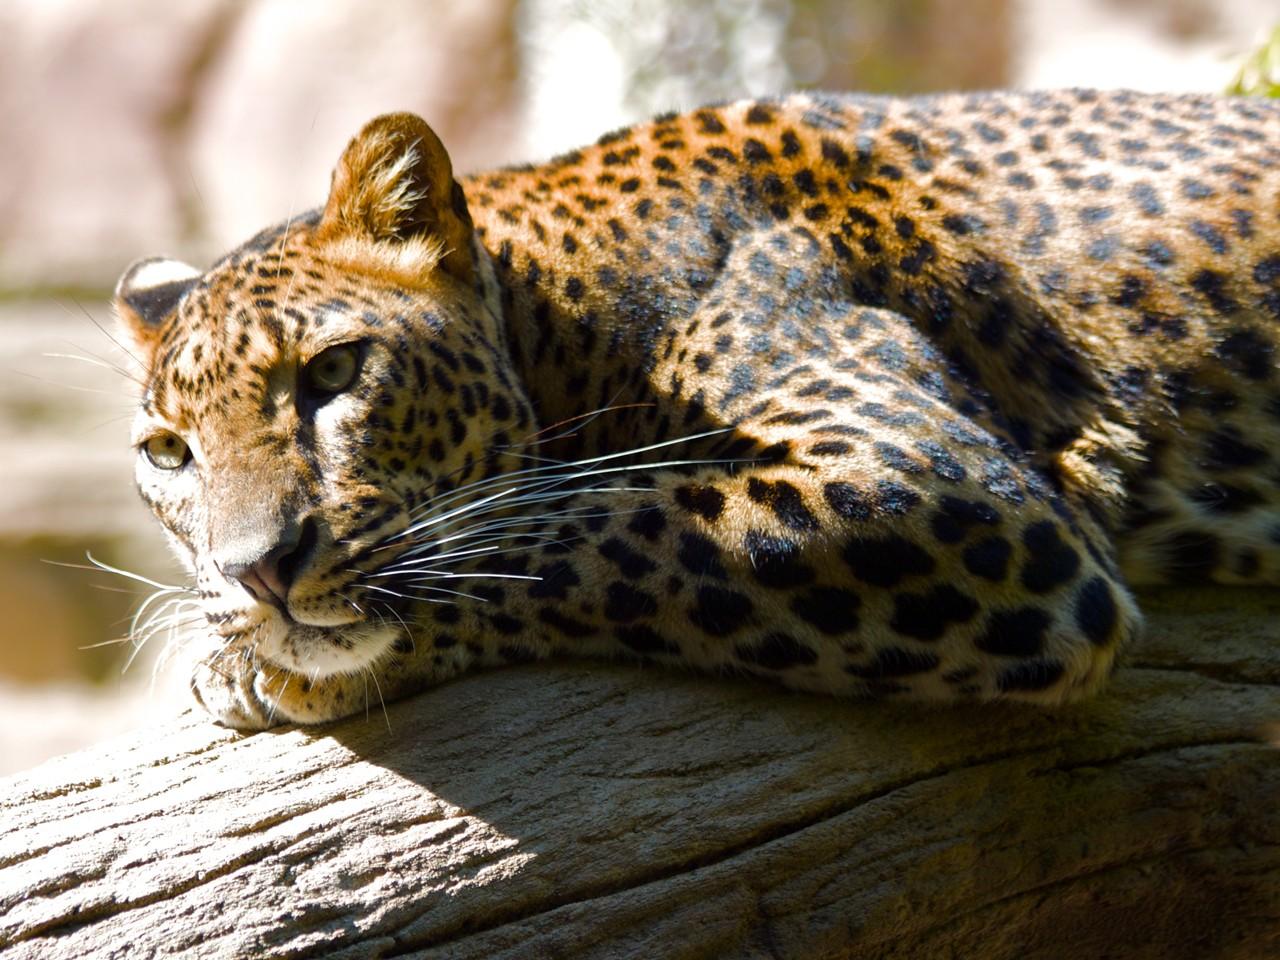 Beautiful HD leopard wallpaper - HD Wallpapers